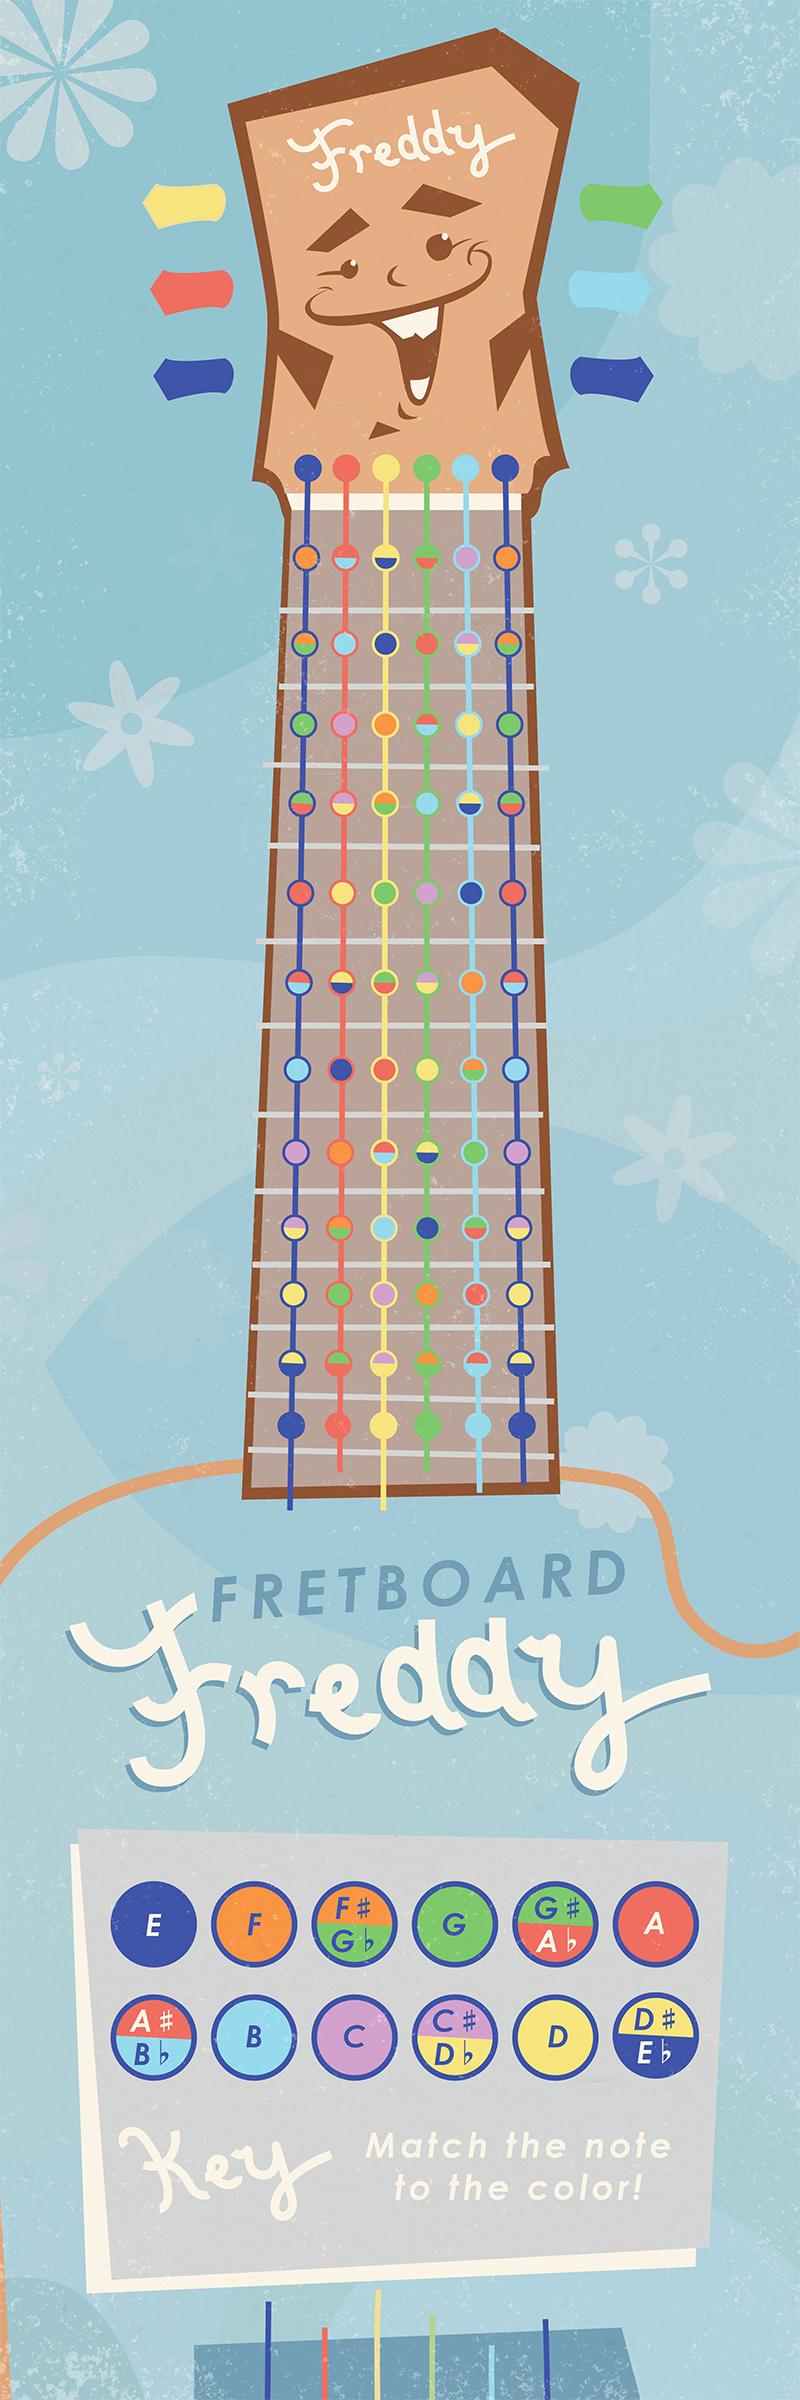 """""""Fretboard Freddy Concept"""""""